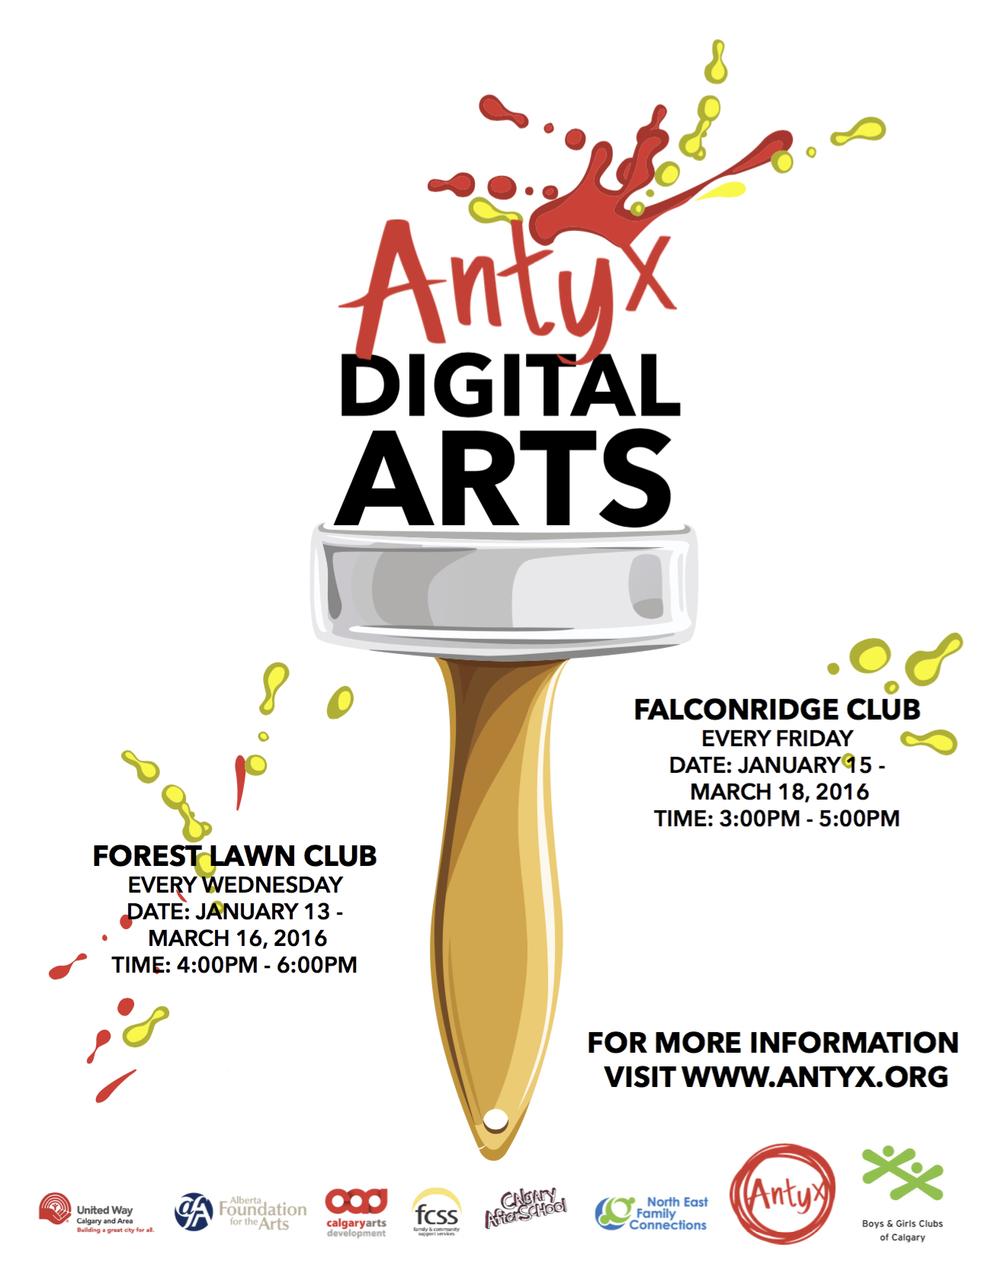 AntyxDigitalArtsJAN-MAR2016.jpg